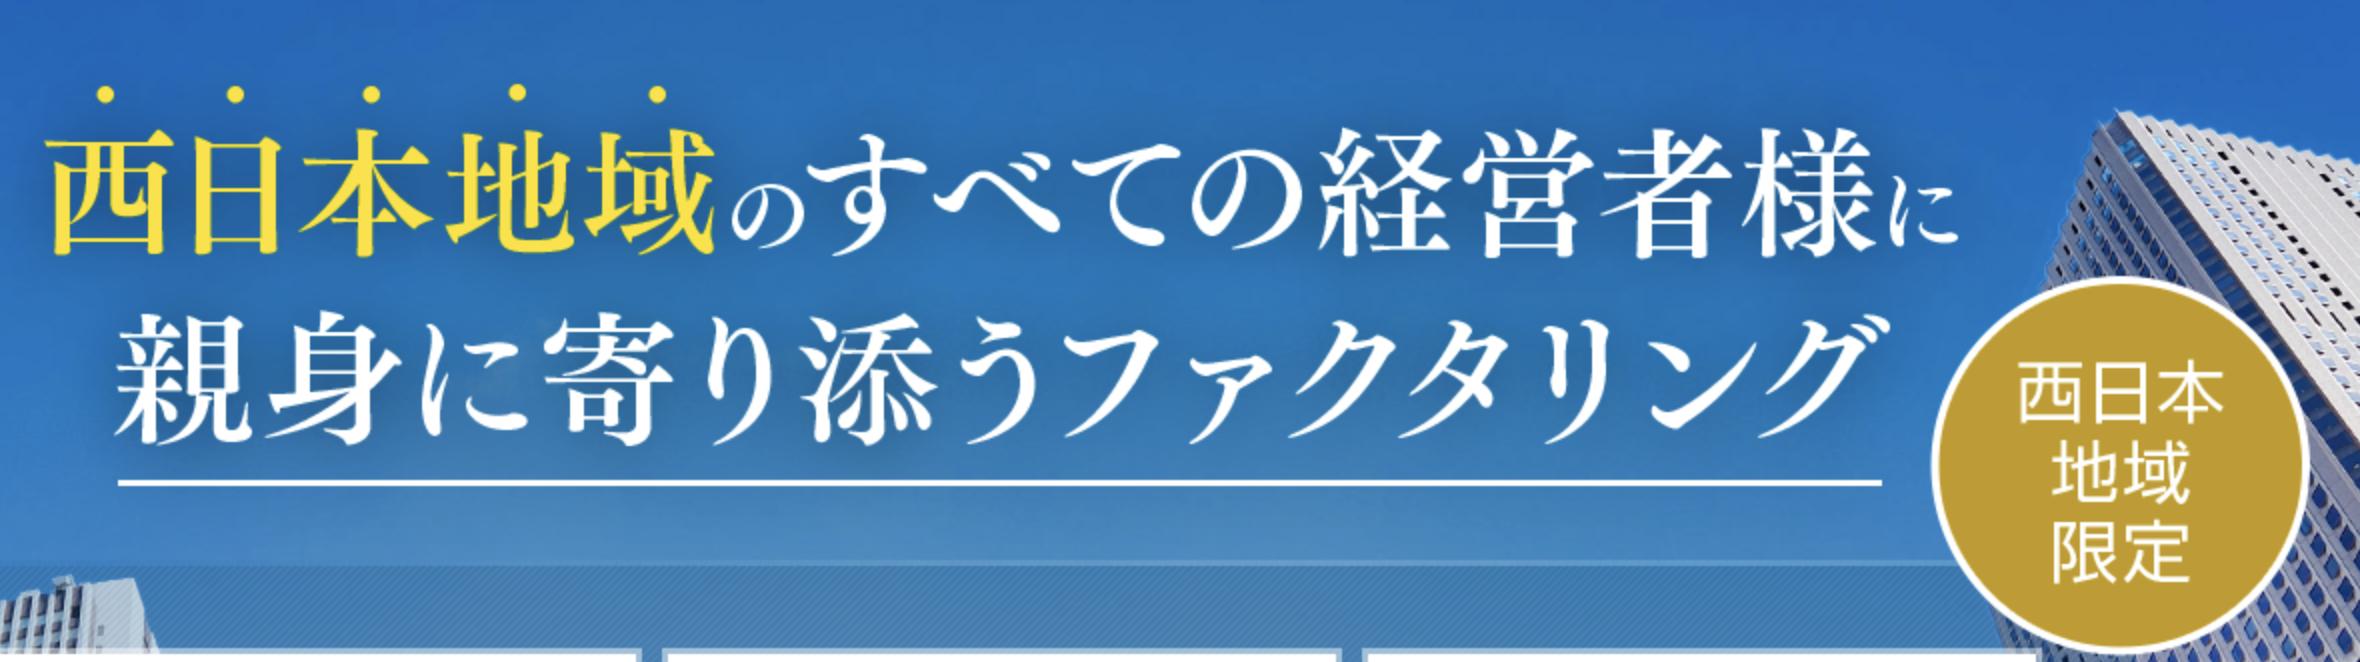 ファクタリング 福岡